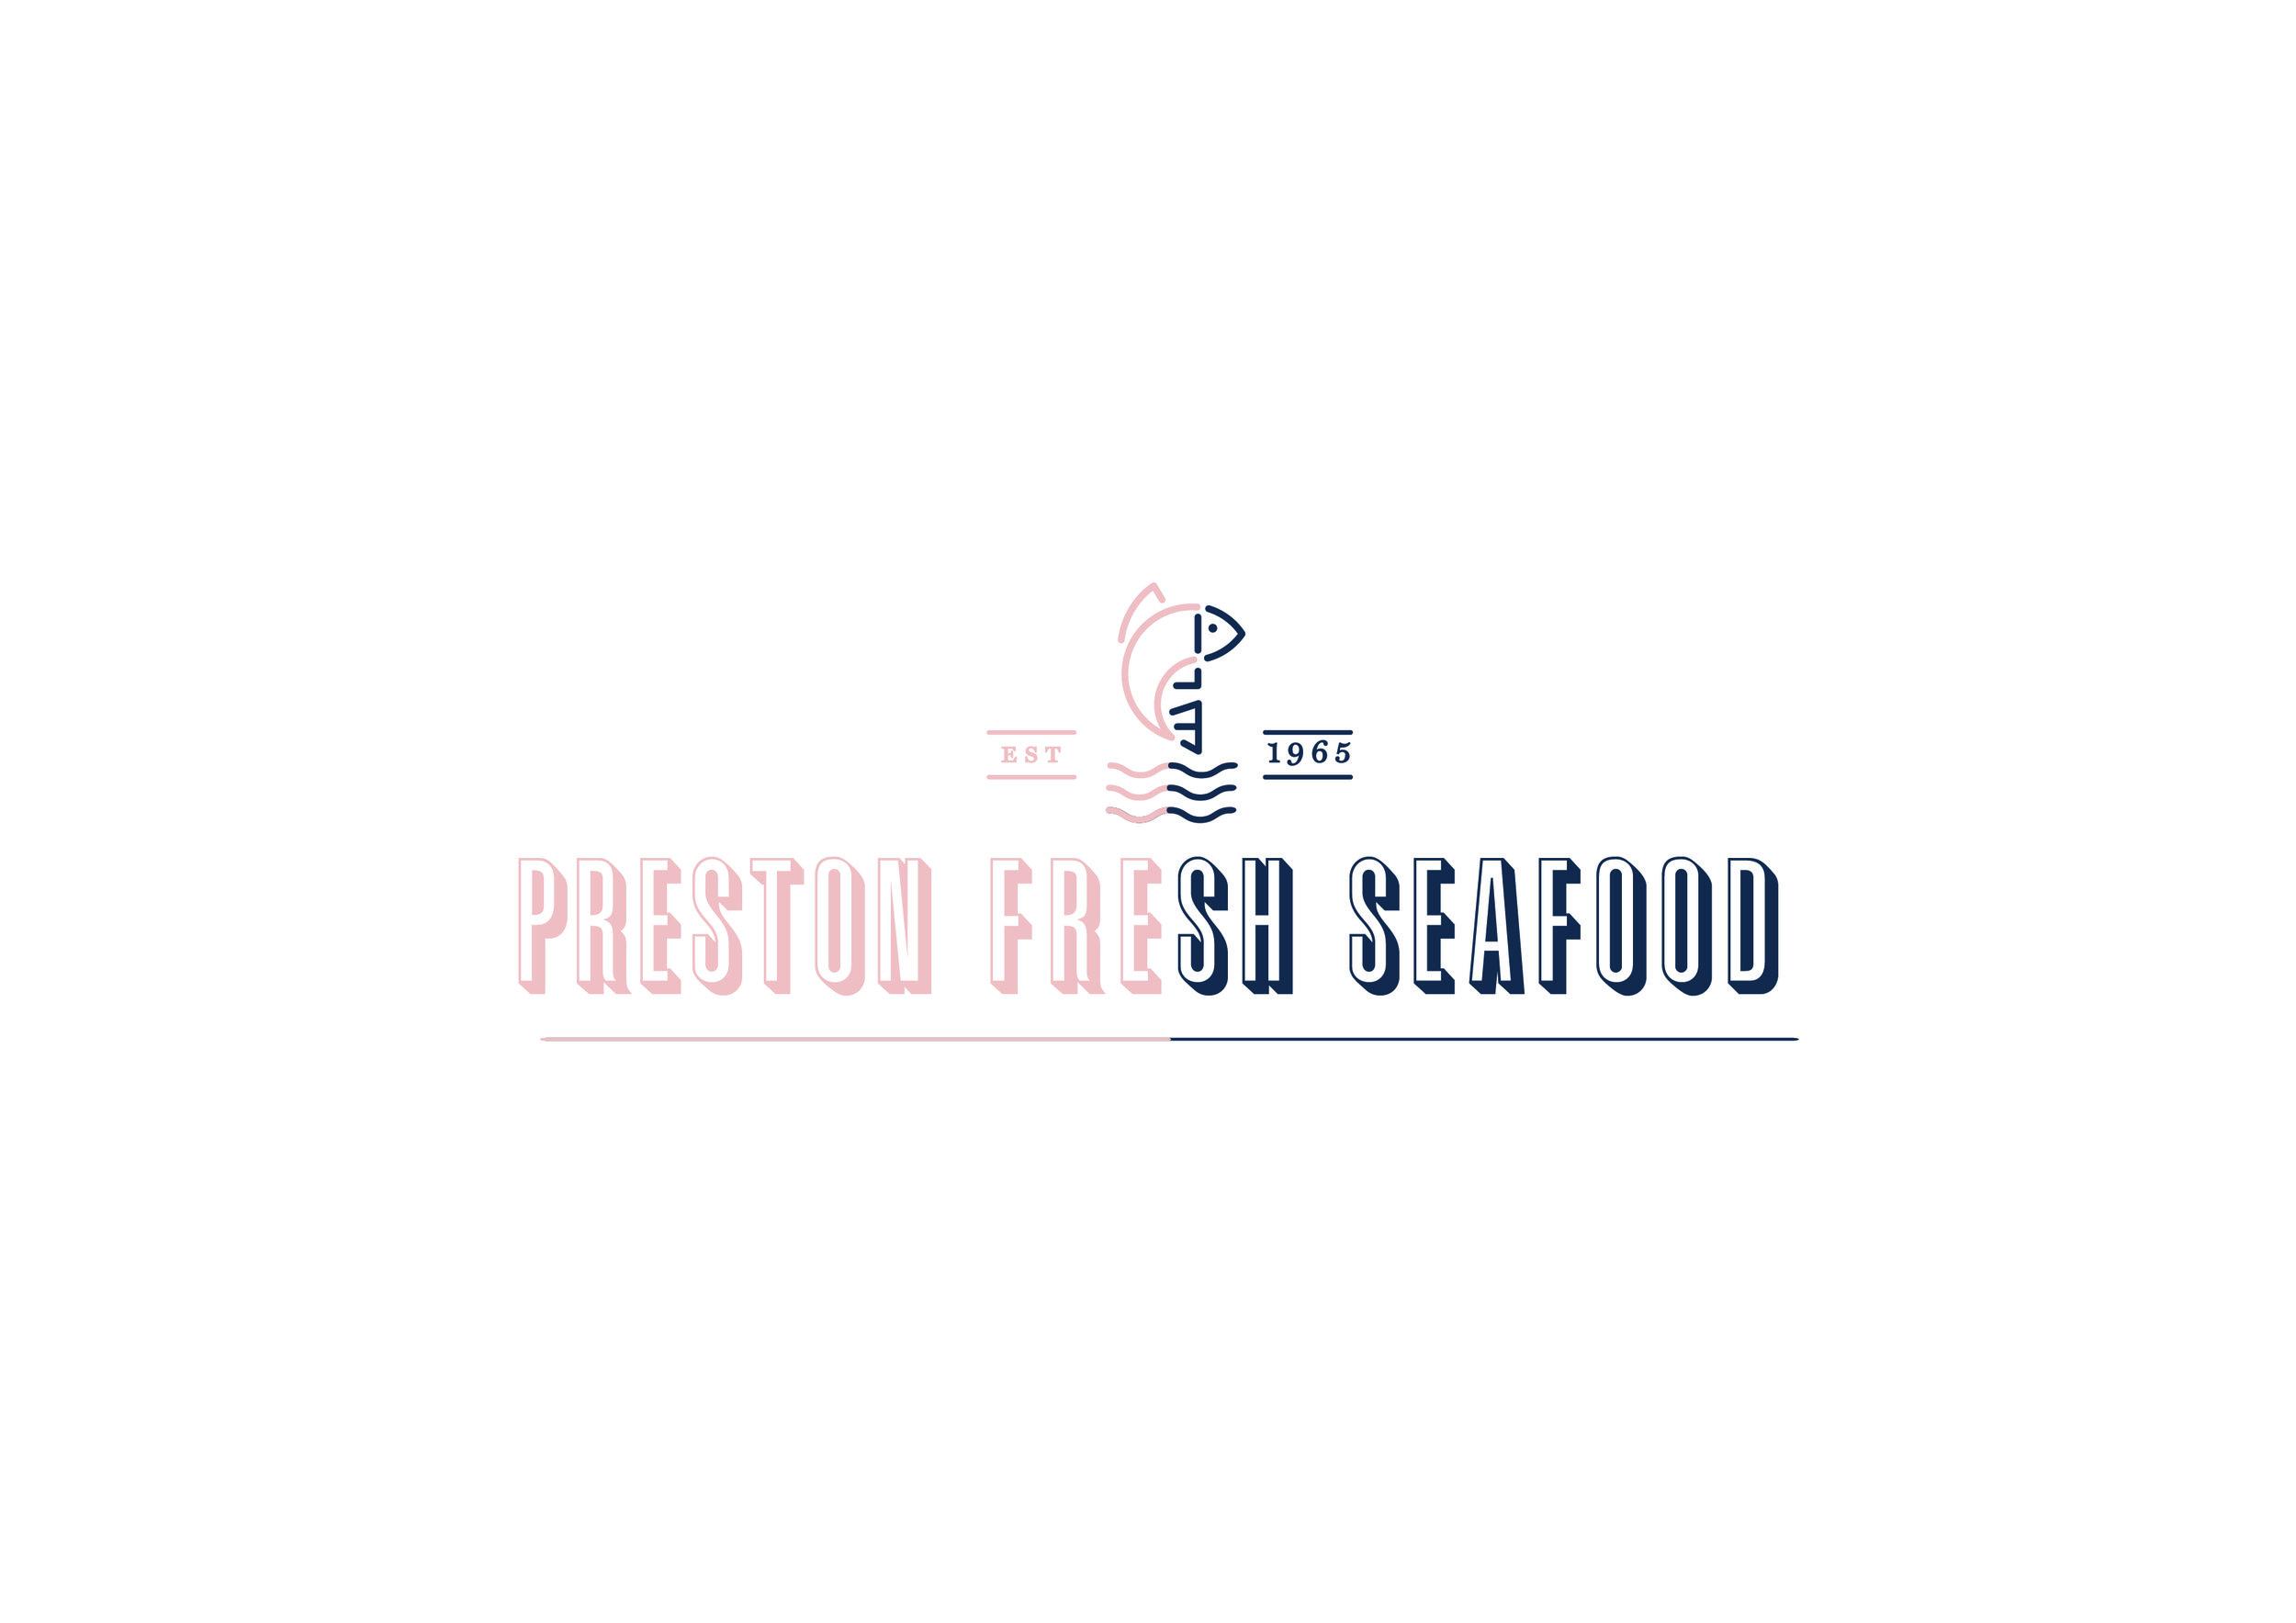 Preston Fresh Seafood logo-08.jpg